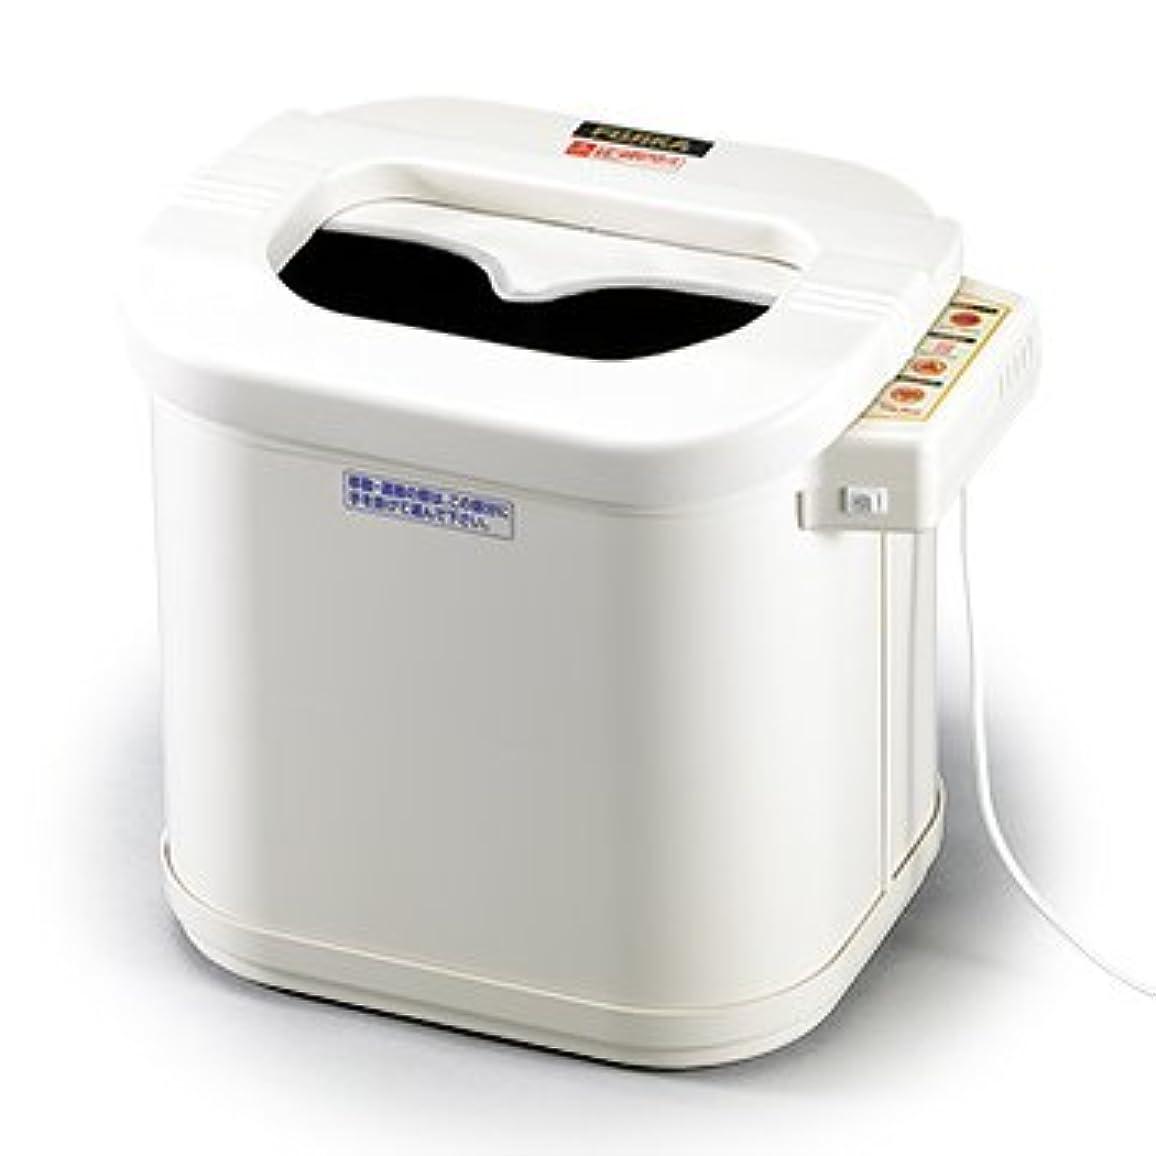 ええ哺乳類抑圧フジカ スマーティ レッグホット LH-2型 遠赤外線 足温器 足浴器